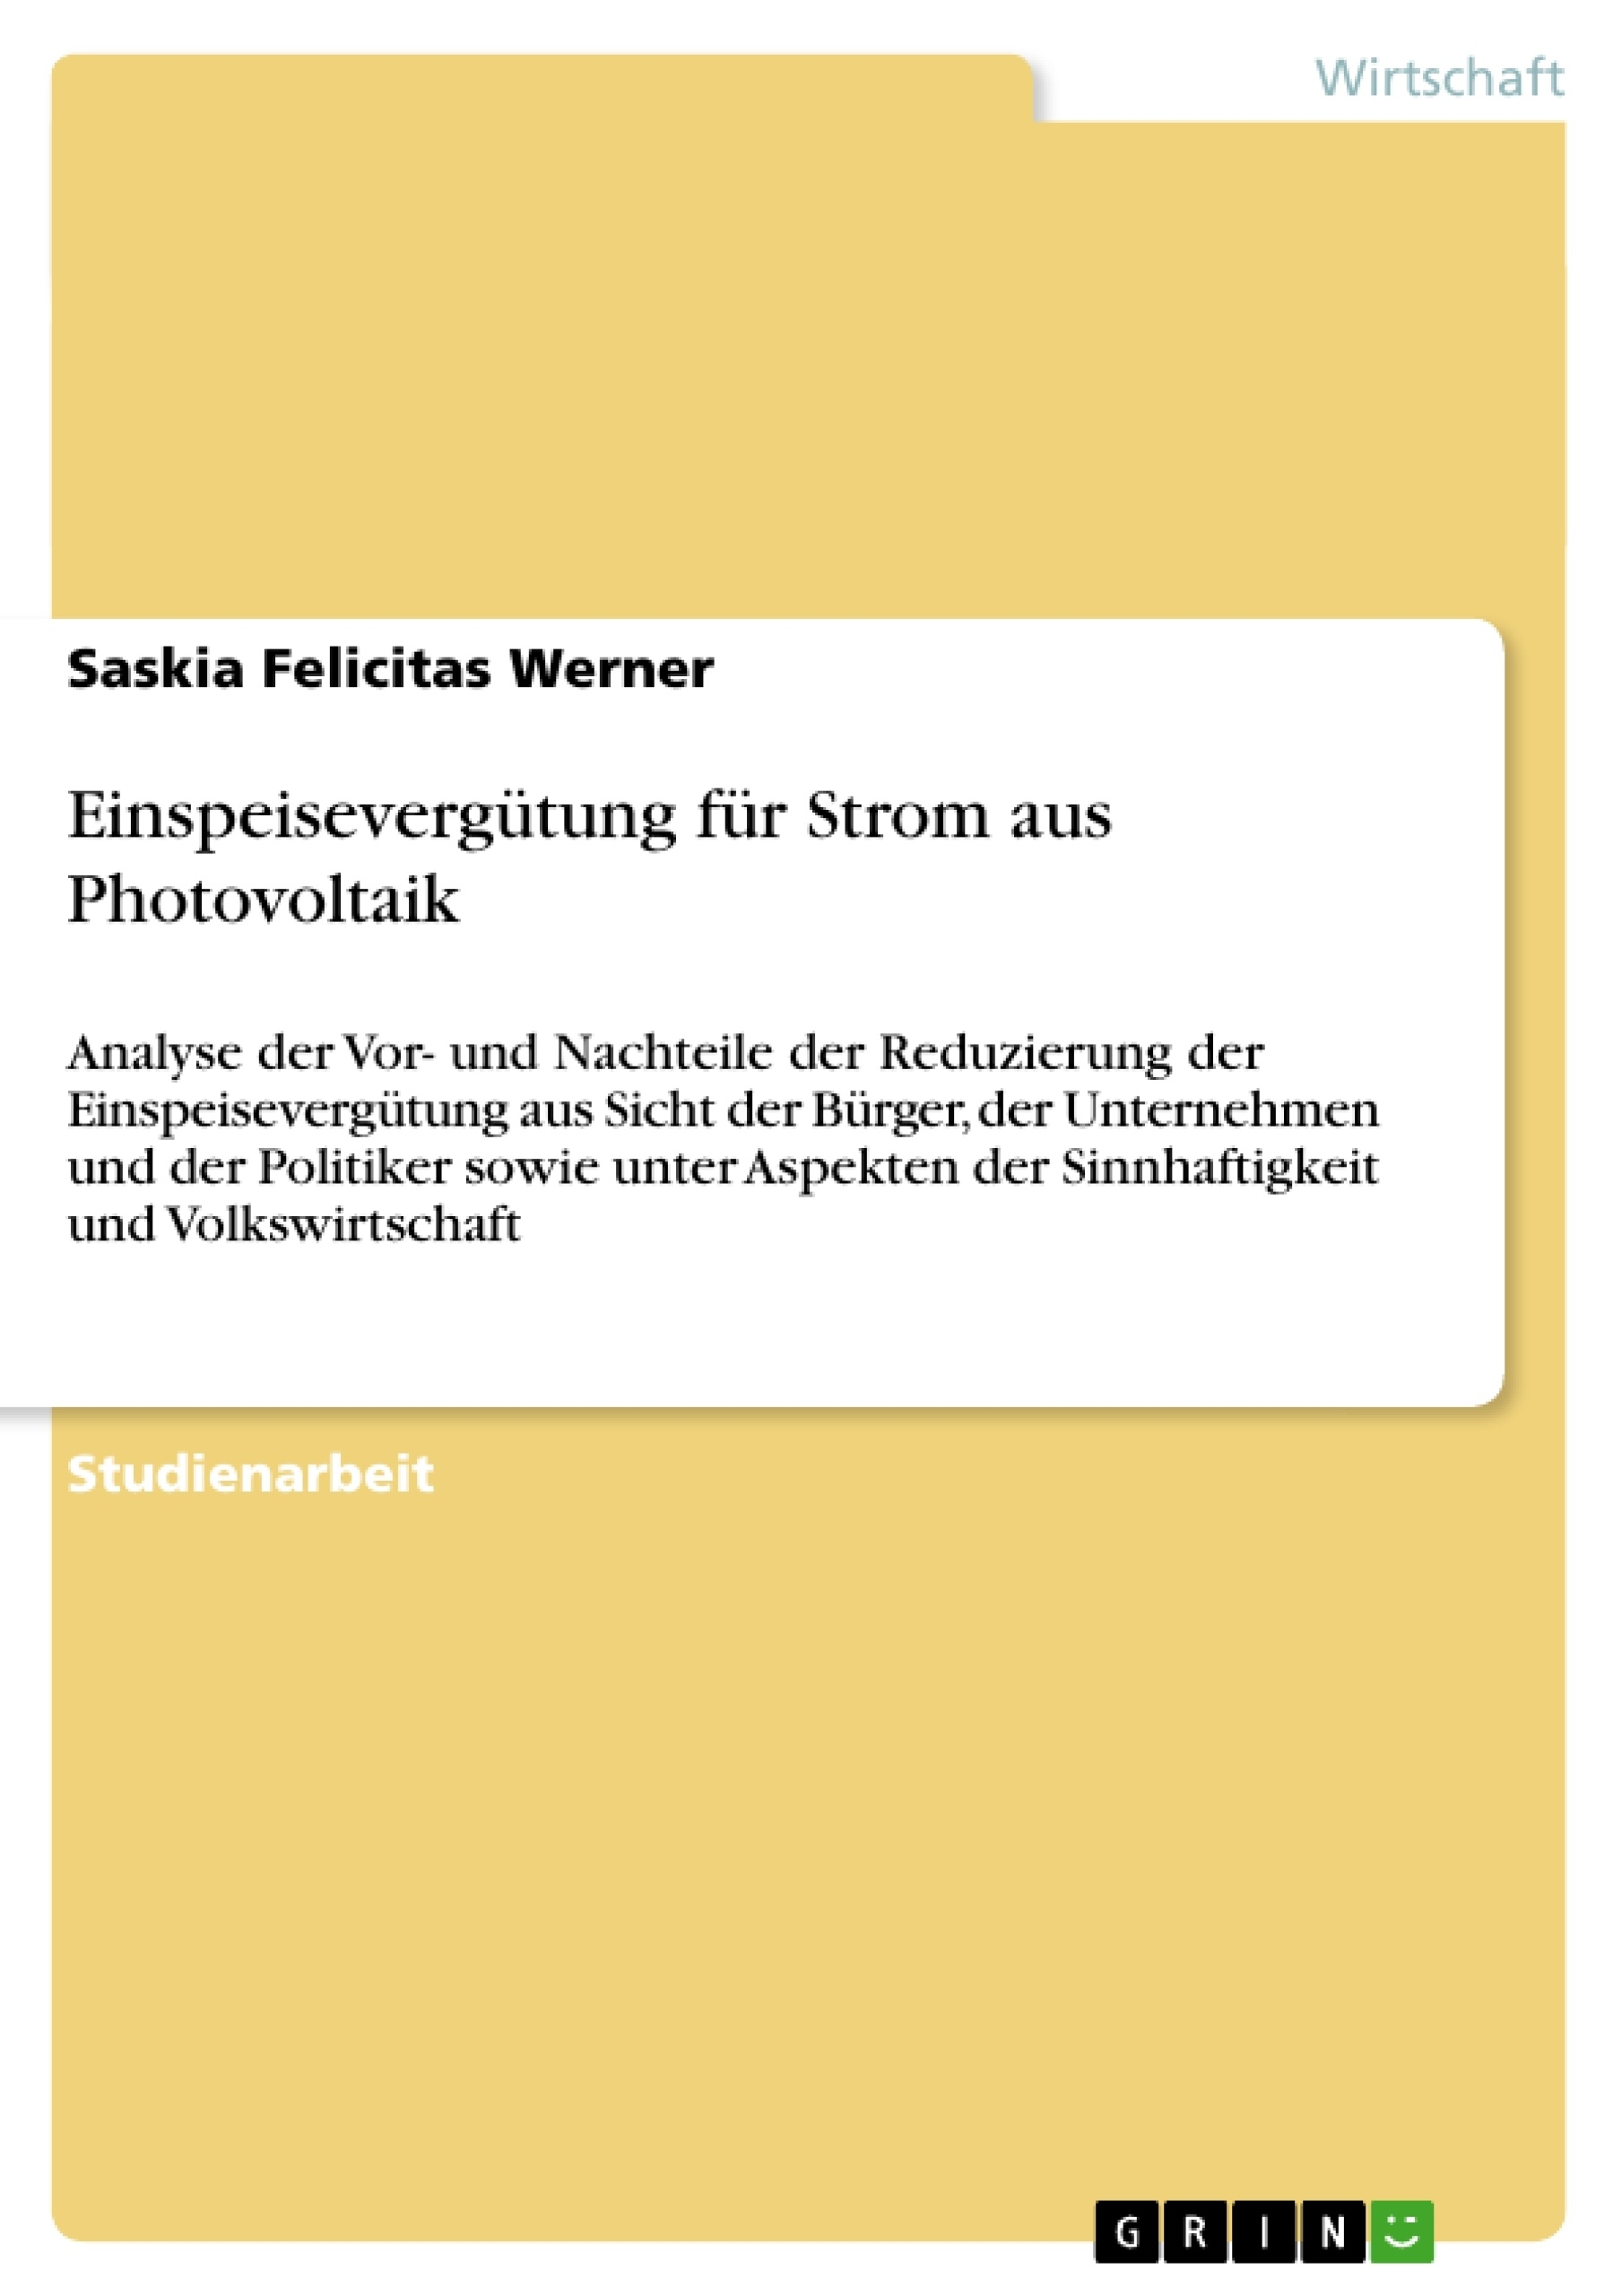 Titel: Einspeisevergütung für Strom aus Photovoltaik